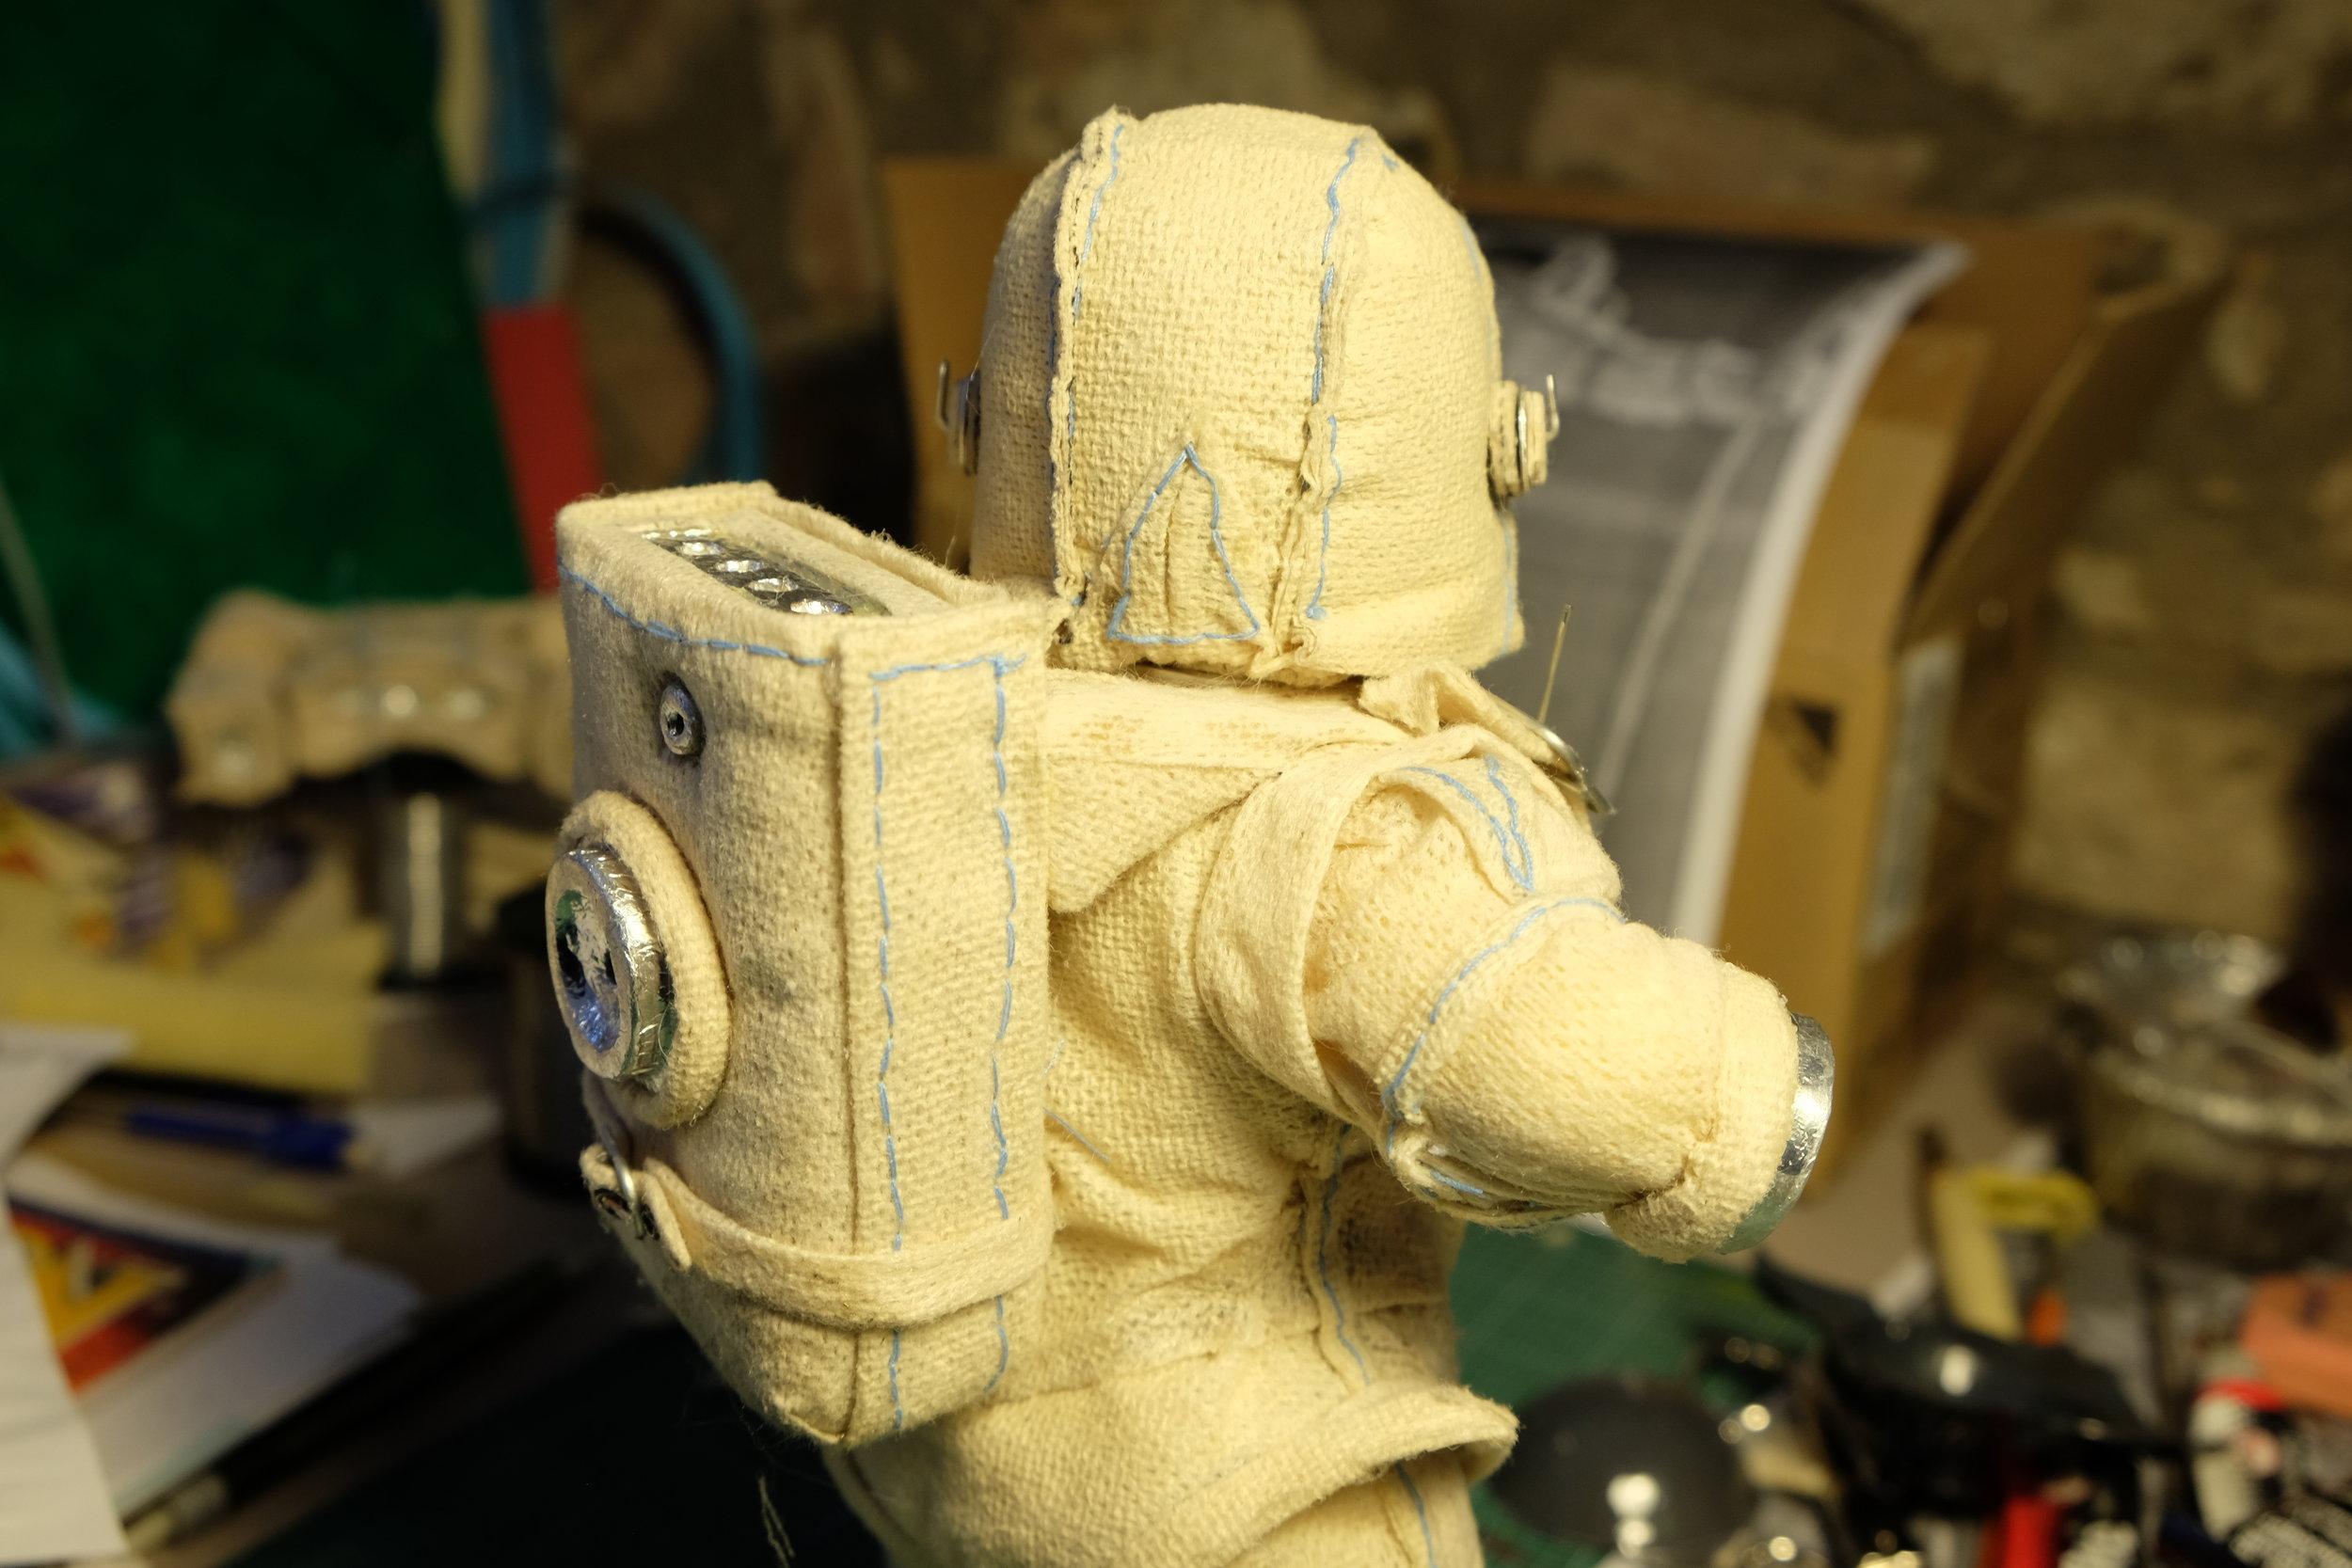 Conception de marionnette  Conception des accessoires et des habits  Tissus / acier / aluminium / mousse / thermoformage / led